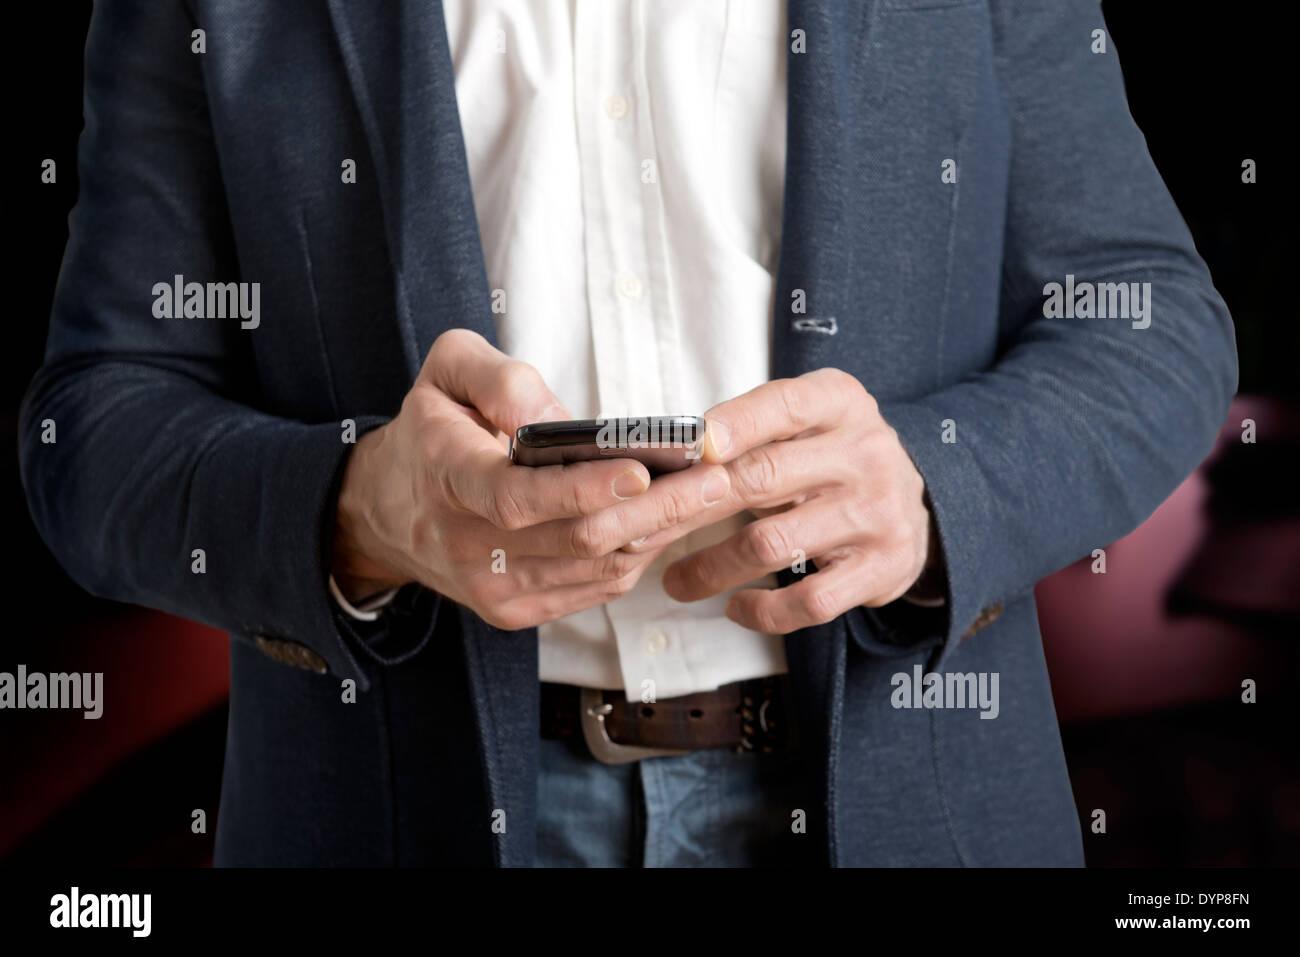 Casual uomo d affari l'invio di un messaggio di testo su un telefono cellulare in uno sfondo scuro Immagini Stock